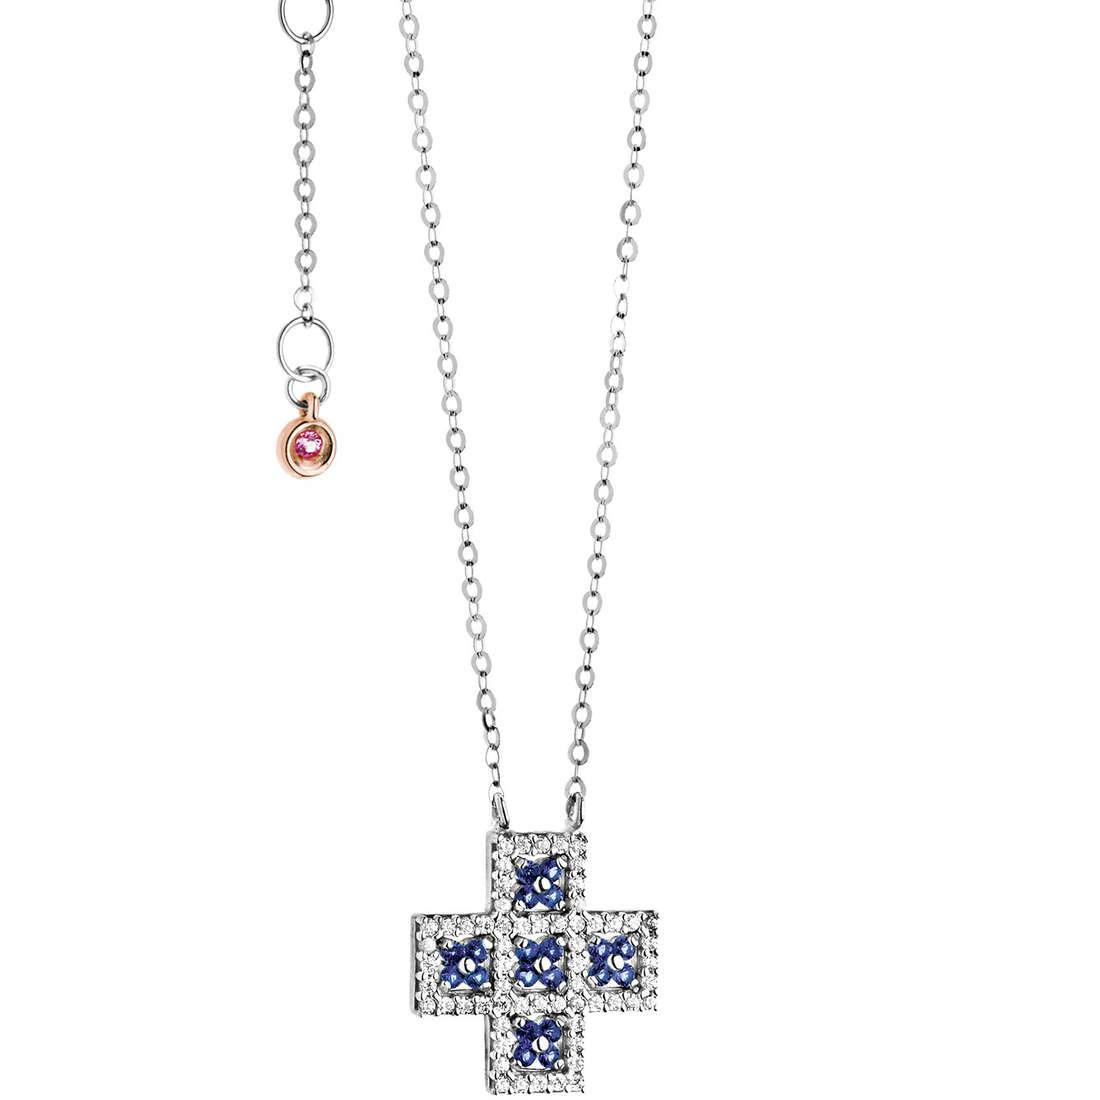 collana donna gioielli Comete Pietre preziose colorate GLB 965